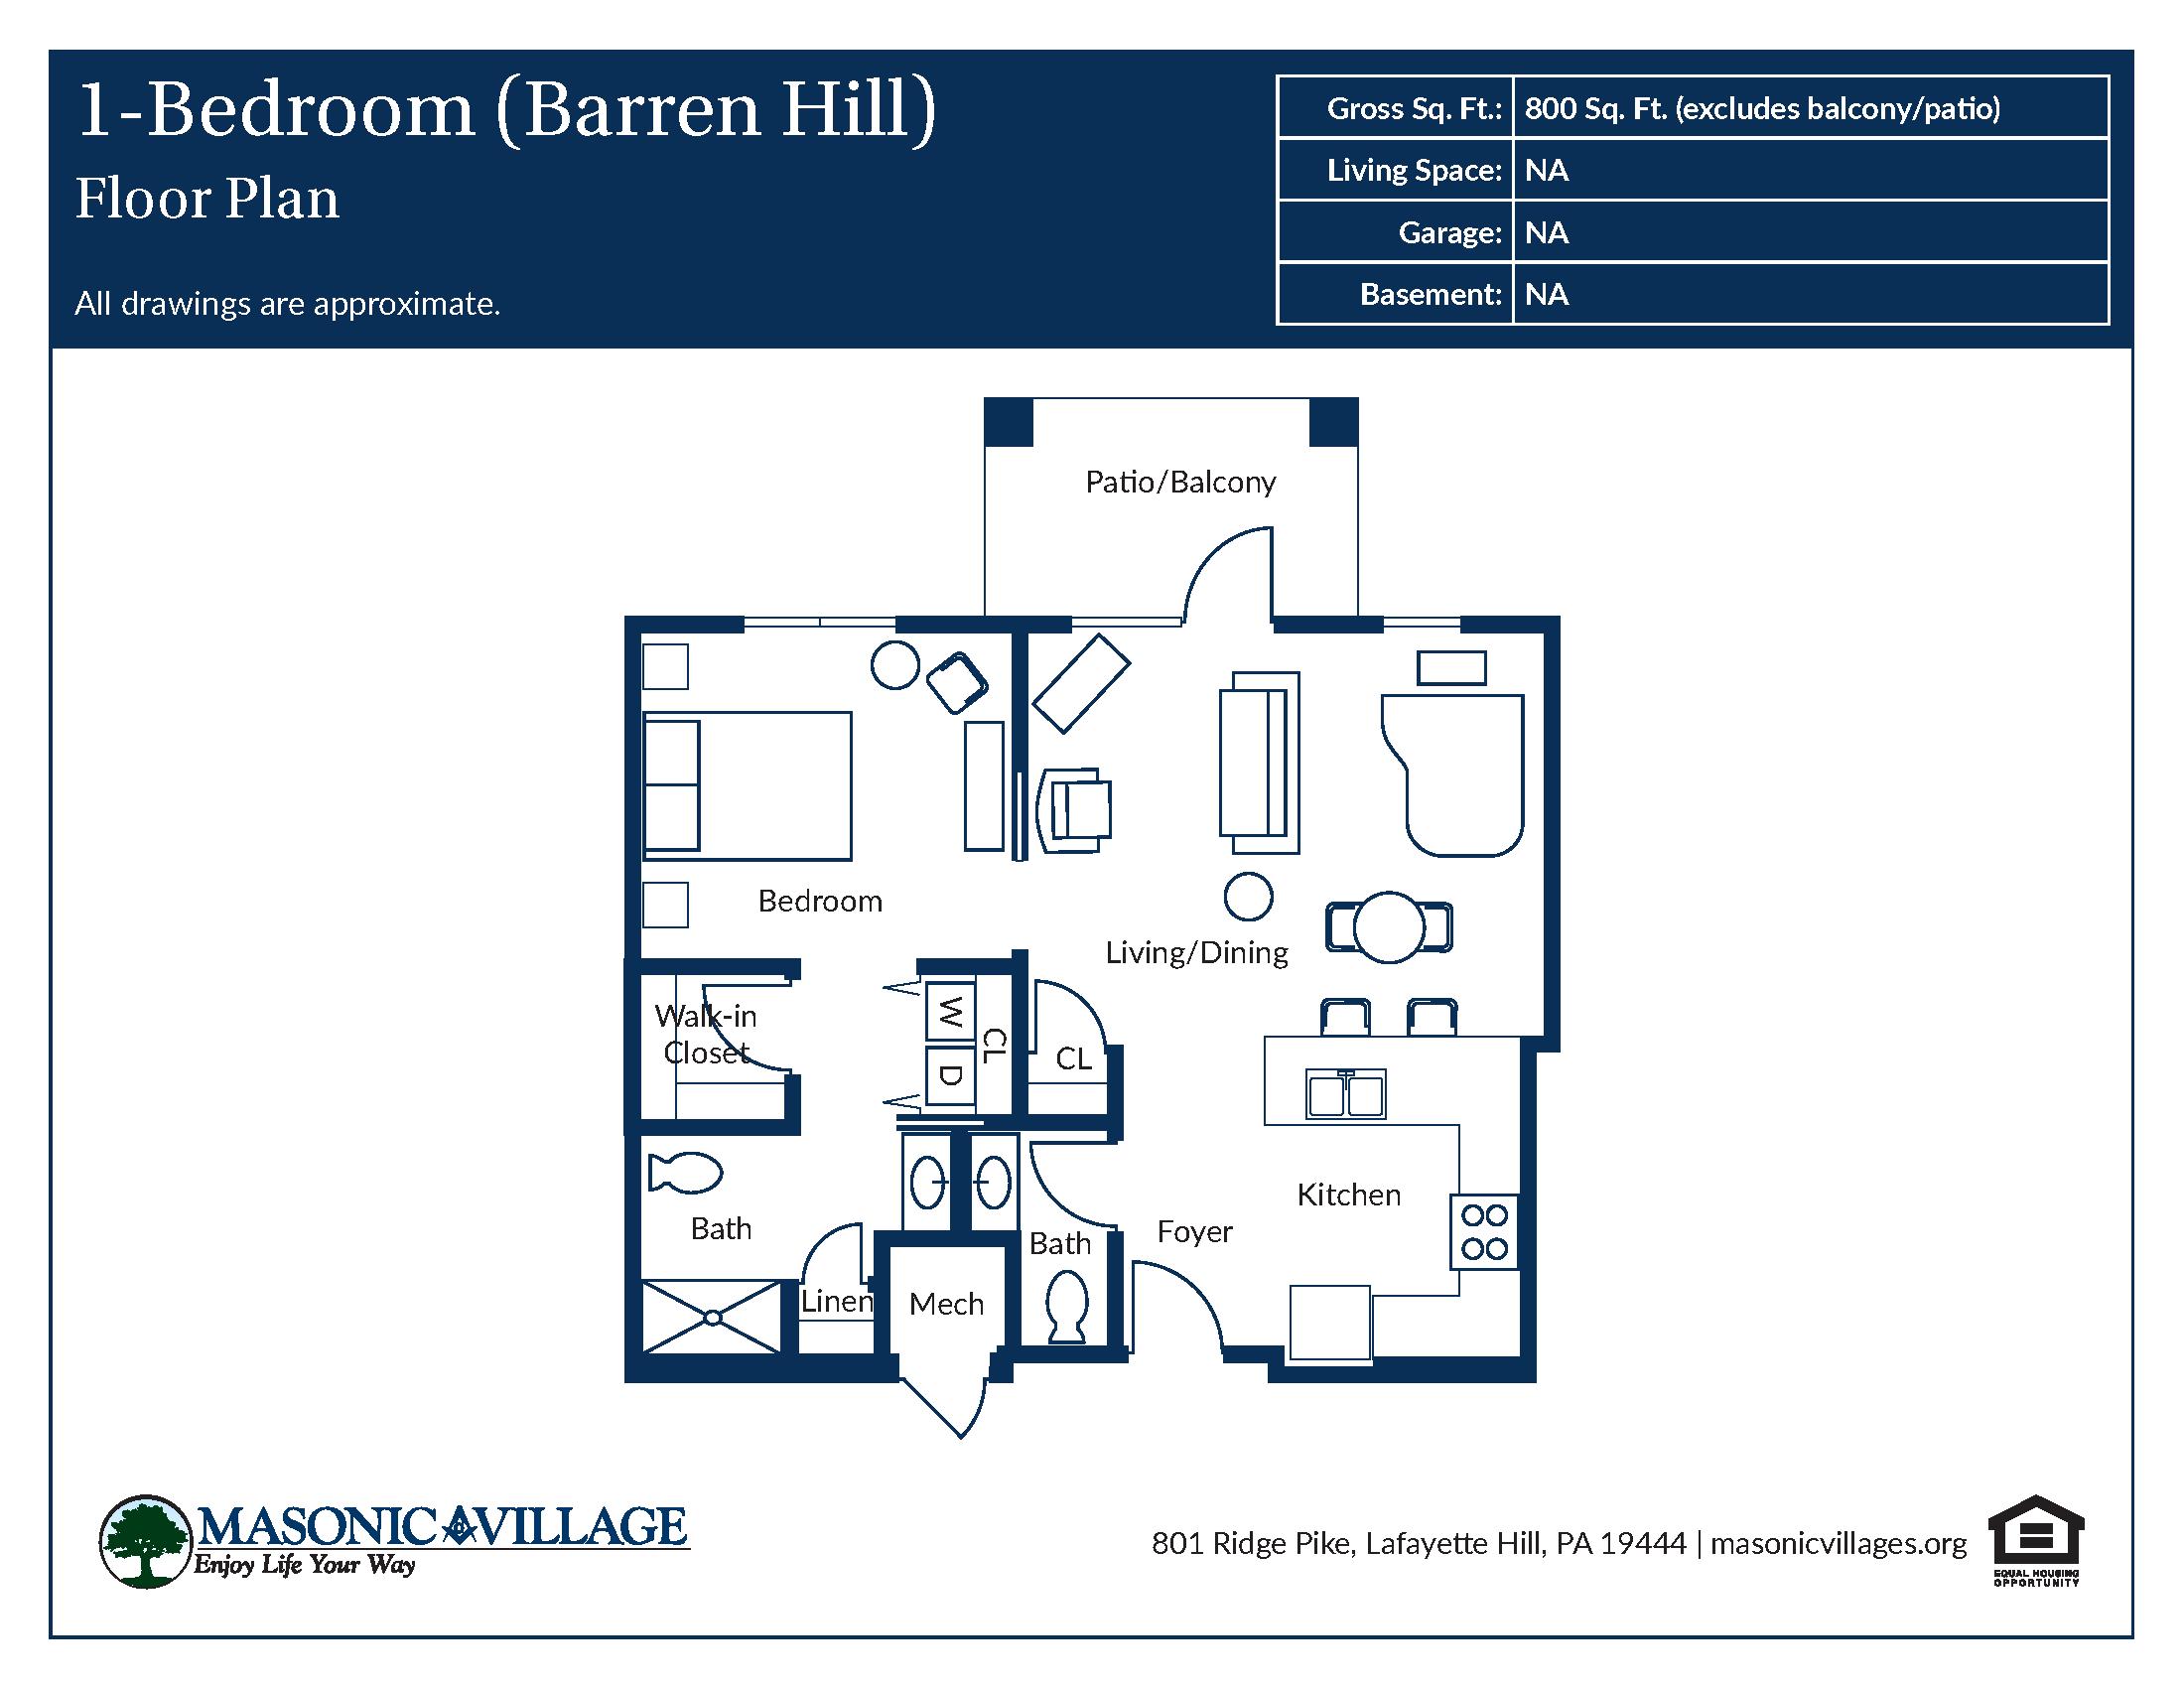 Floor Plan for Barren Hill 1 Bedroom Apartment